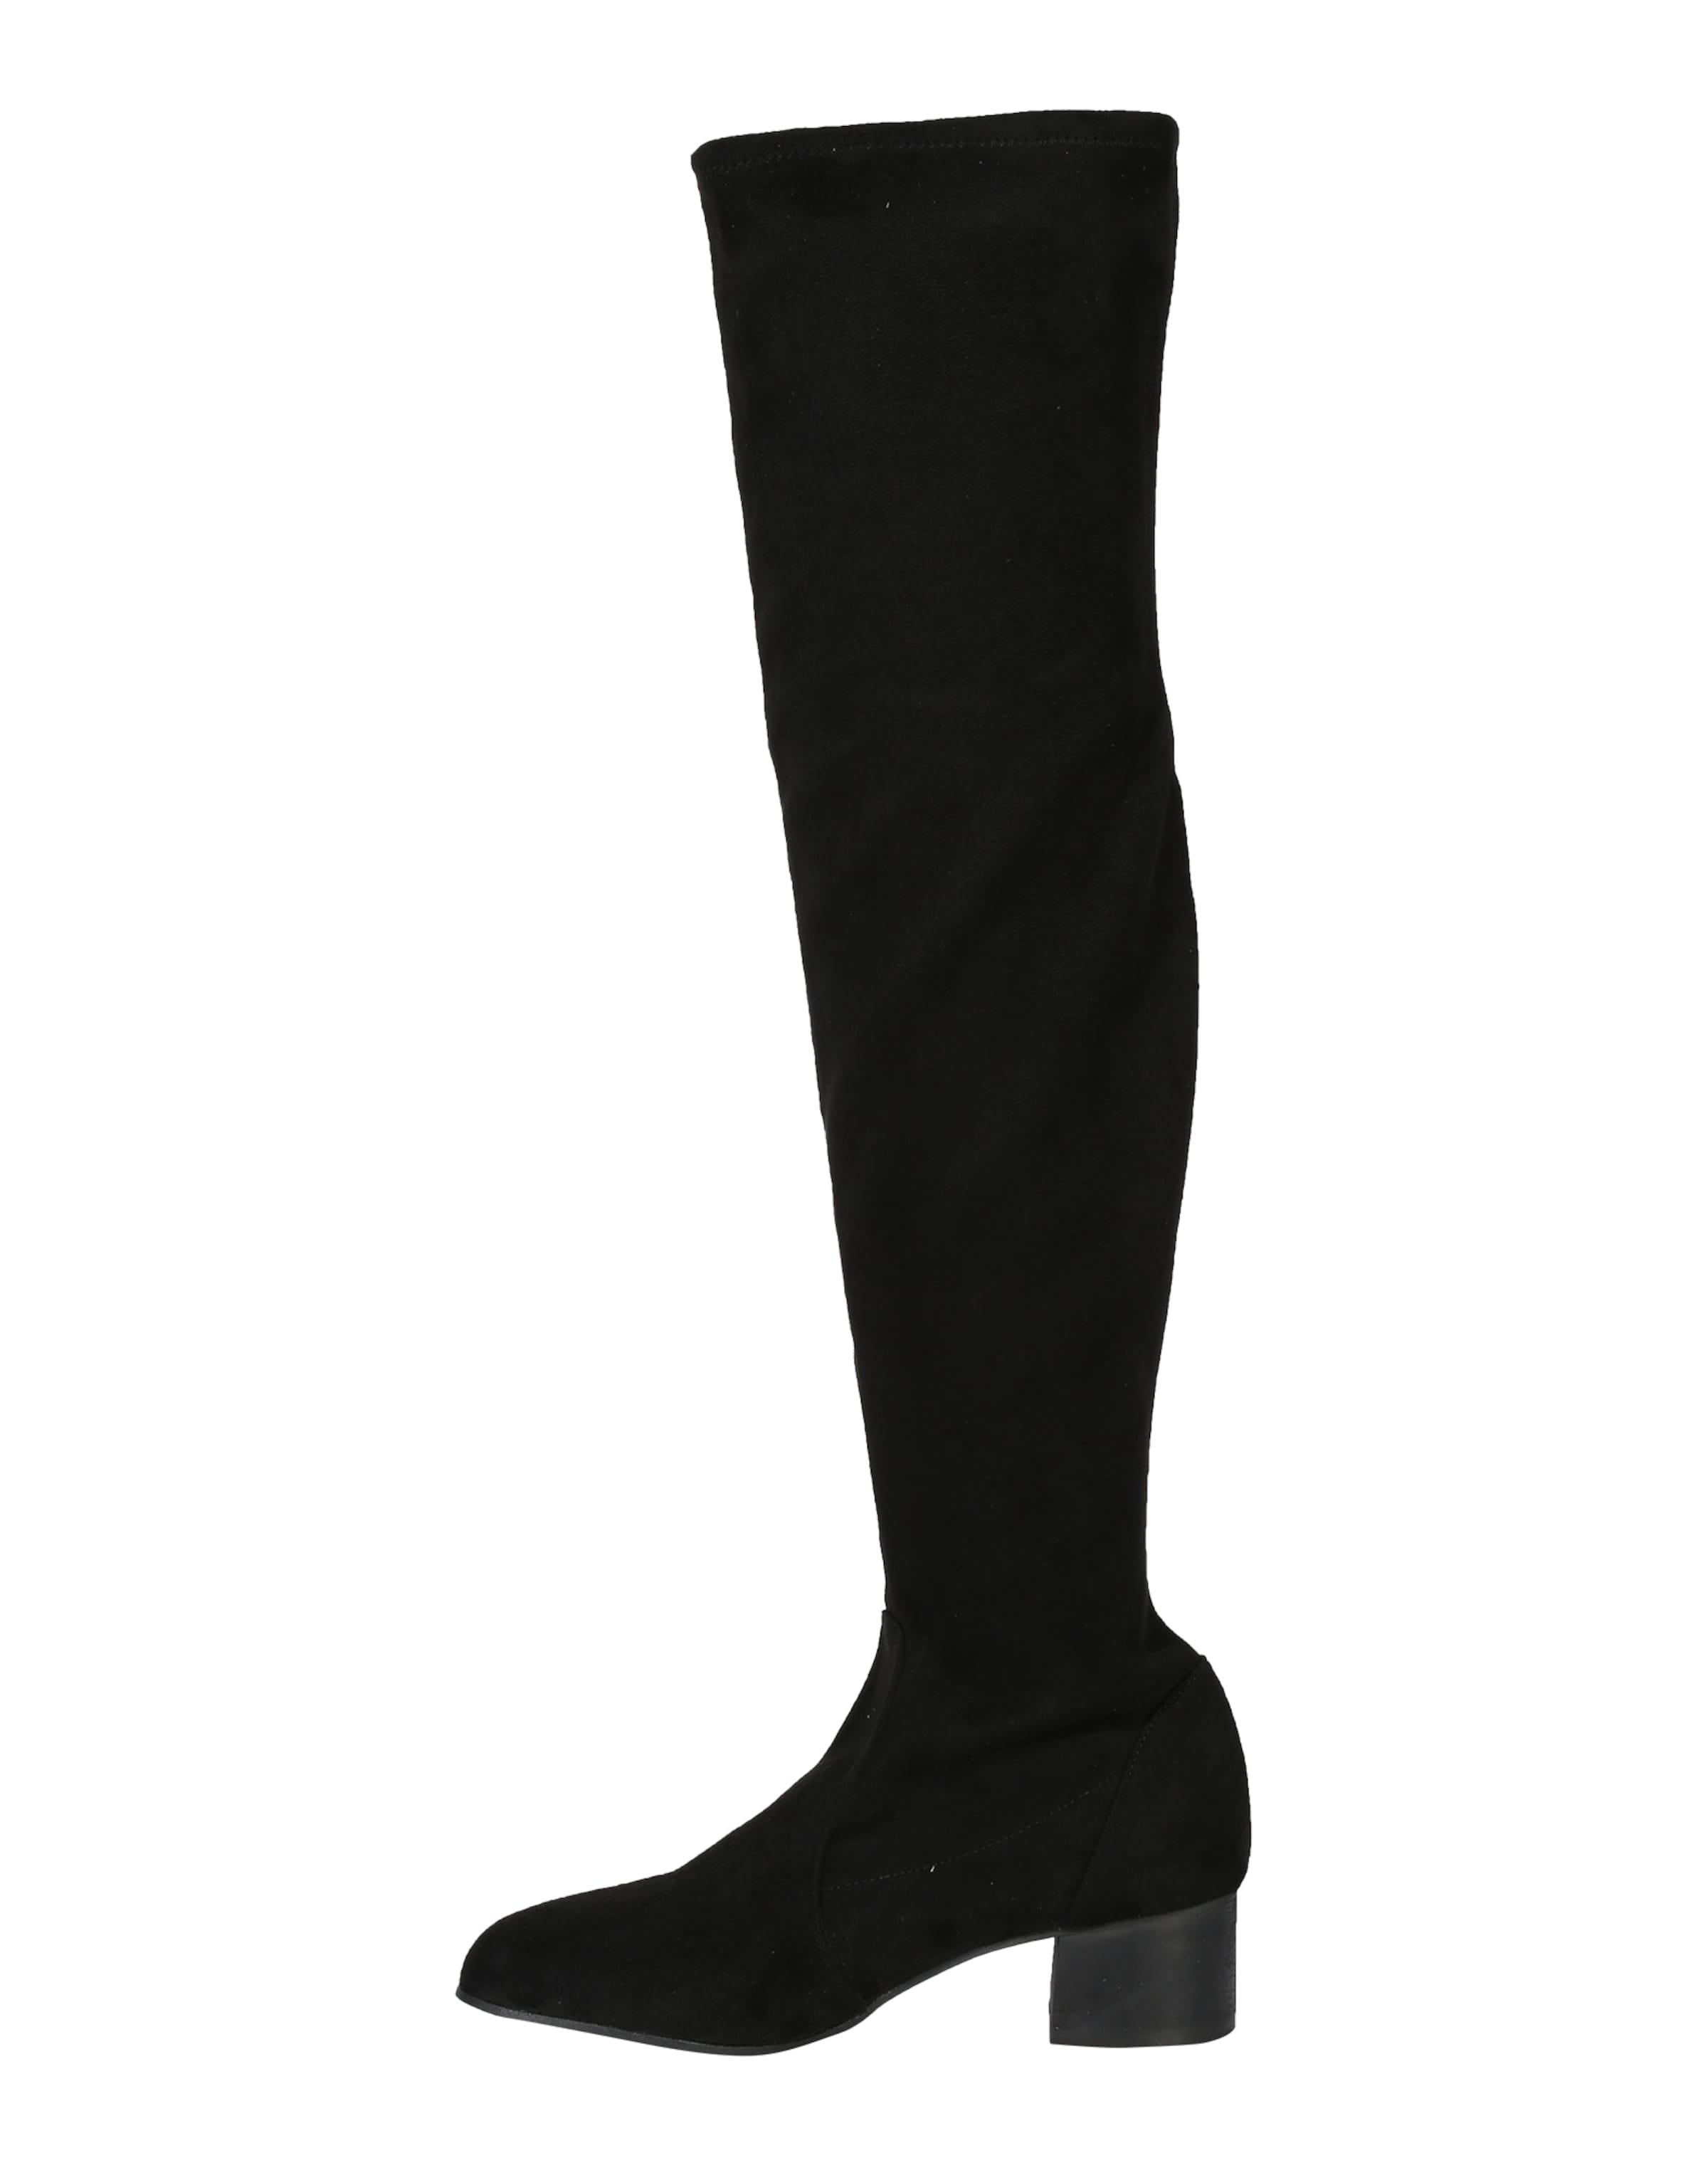 Abstand Rabatt ESPRIT Overknee-Stiefel 'Nola' Steckdose Authentisch Freies Verschiffen Amazon Zahlen Mit Paypal Günstigem Preis Kaufen Online-Verkauf w6sZV5d